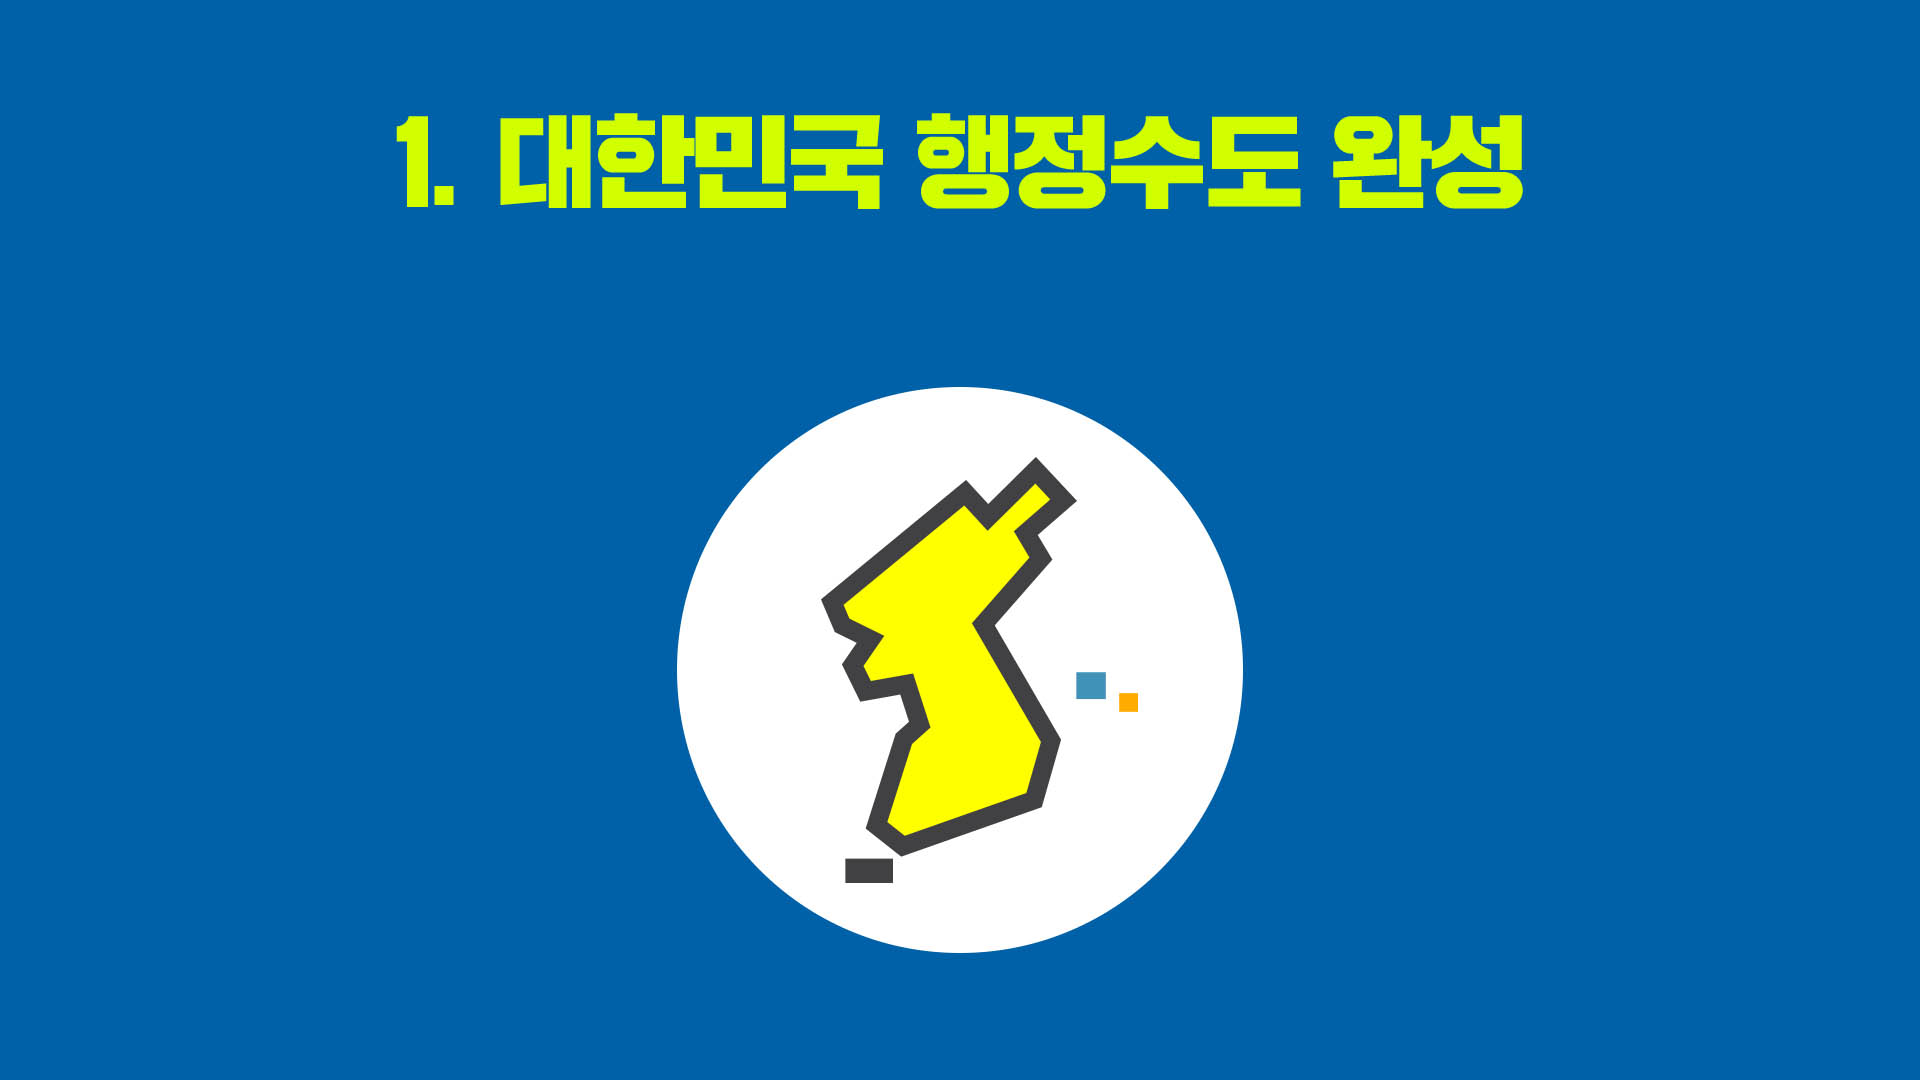 <2019 주요업무계획> 1. 대한민국 행정수도 완성